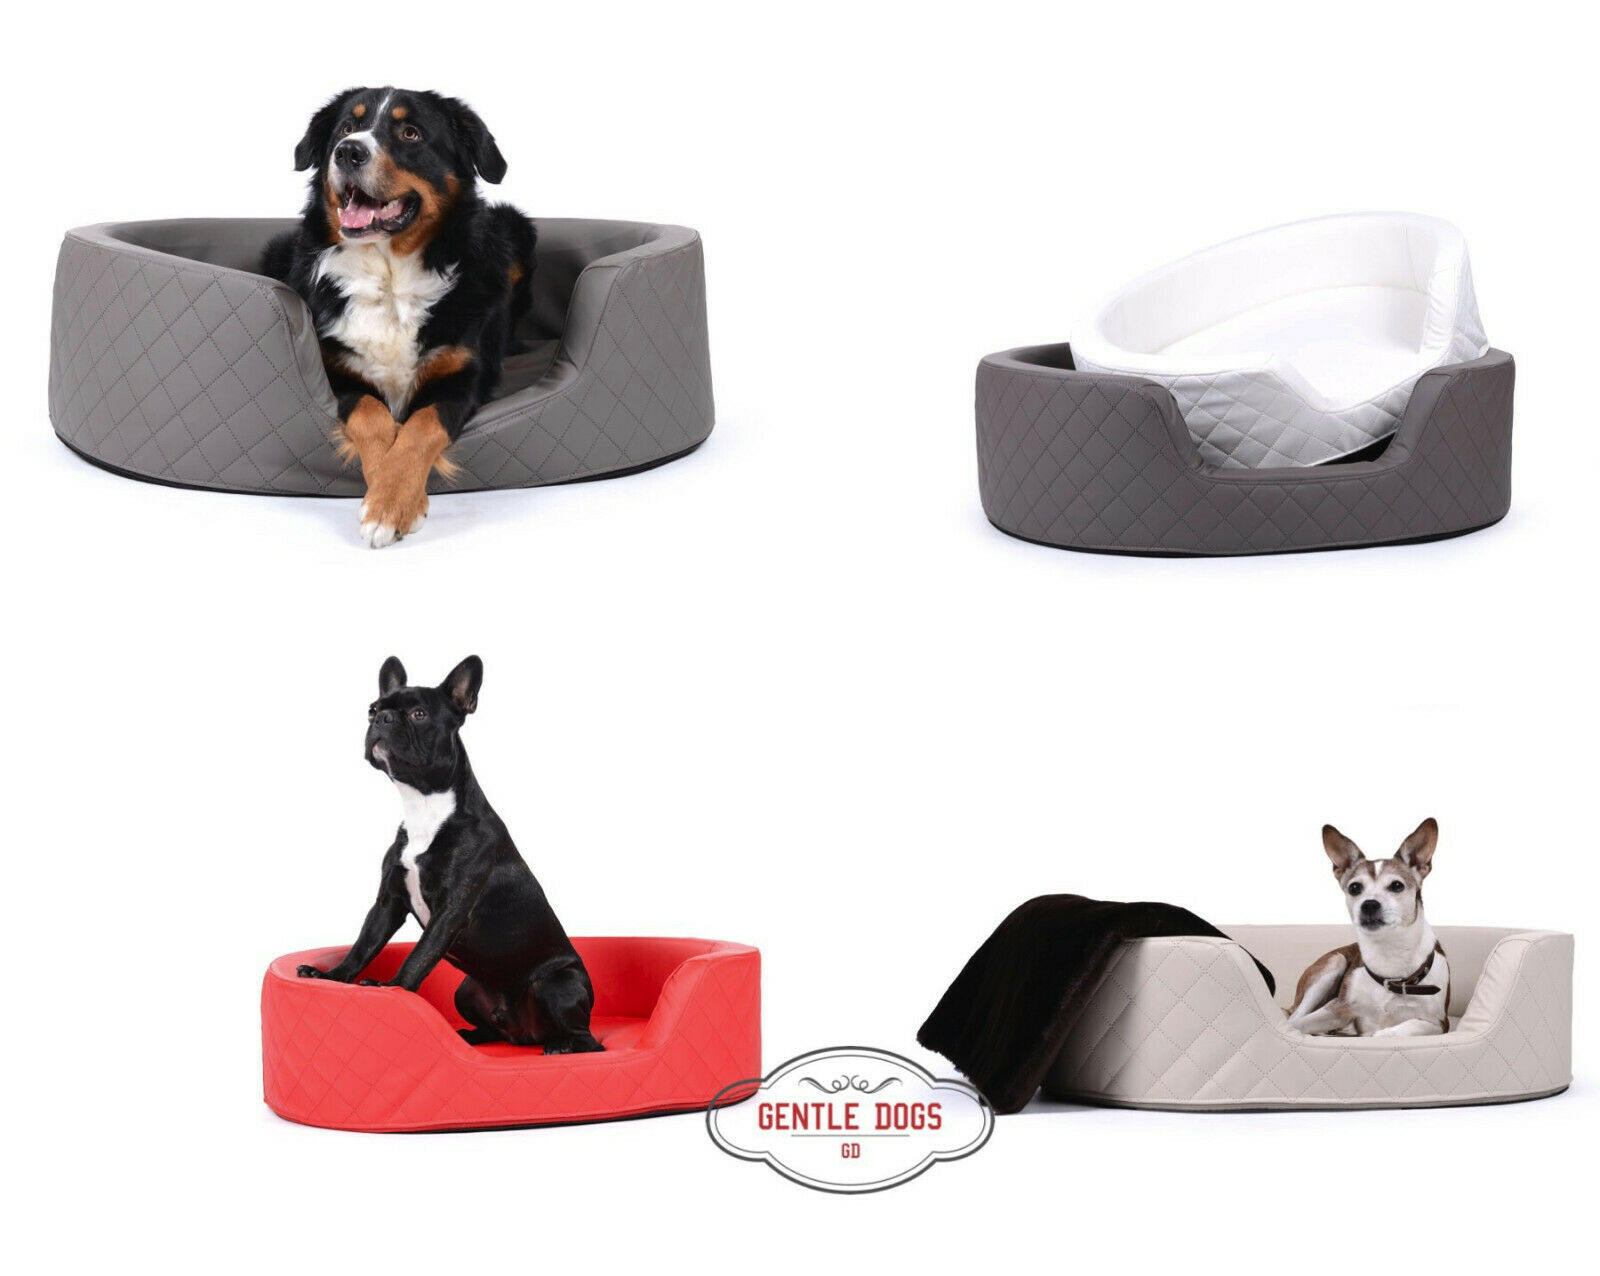 Hundebett, Hundesofa Modell London Kunstleder von Padsforall gratis Versand